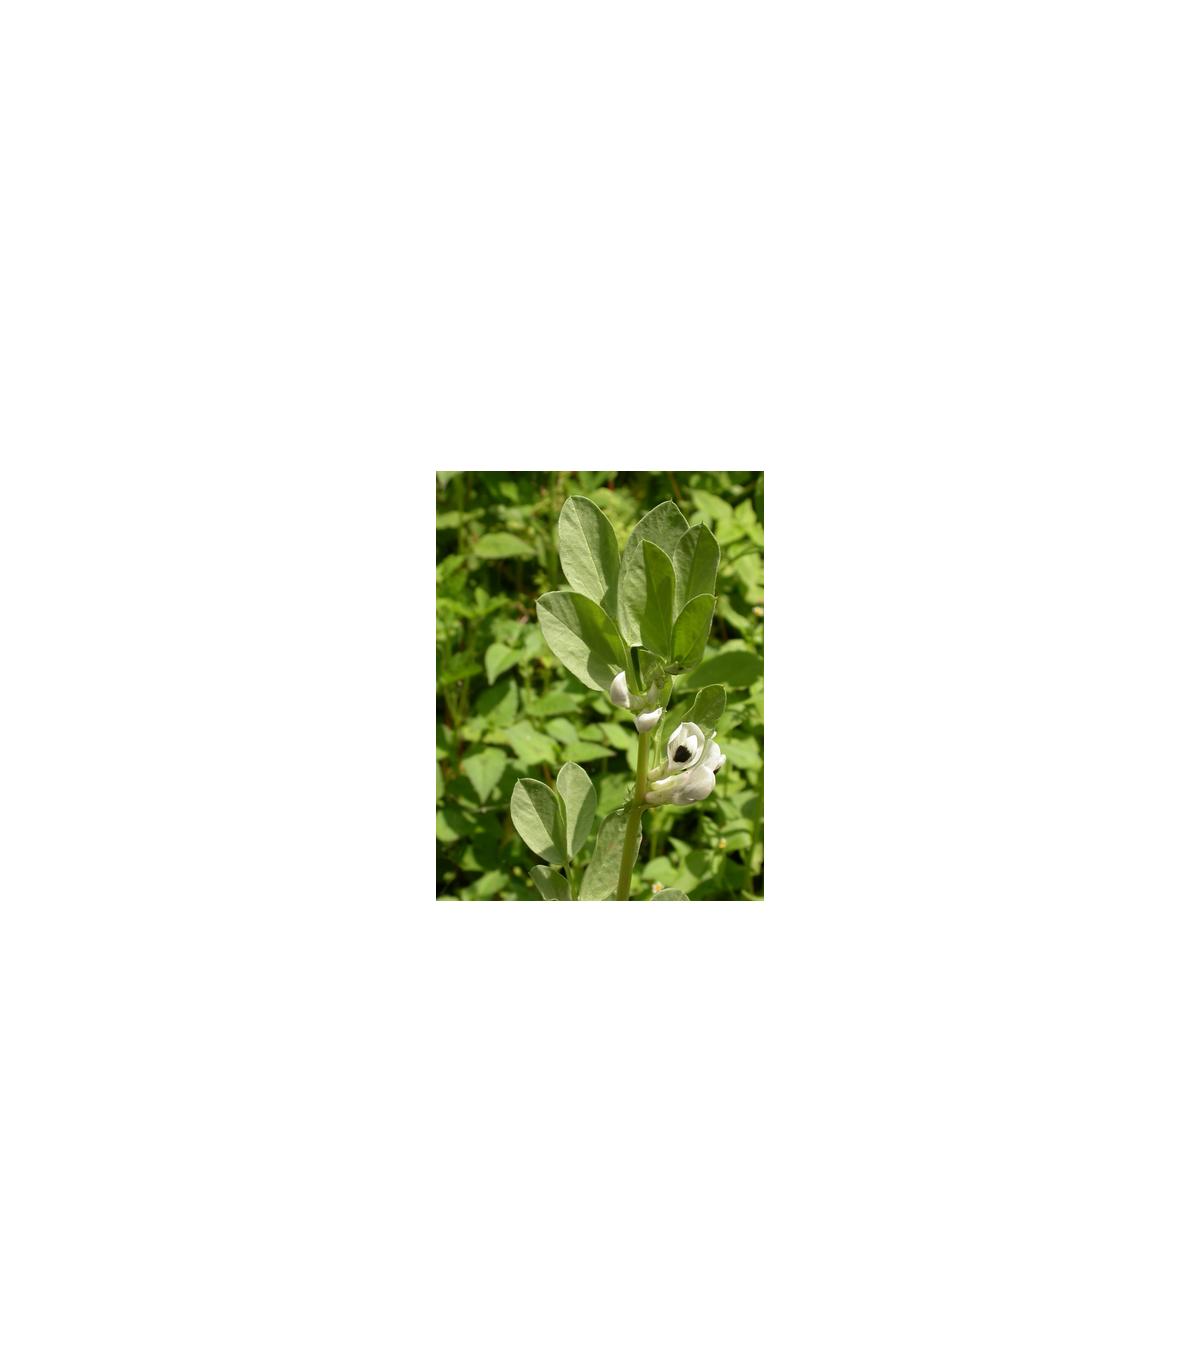 Bob obecný bílý - semena Bobu - Vitia faba - 20 gr